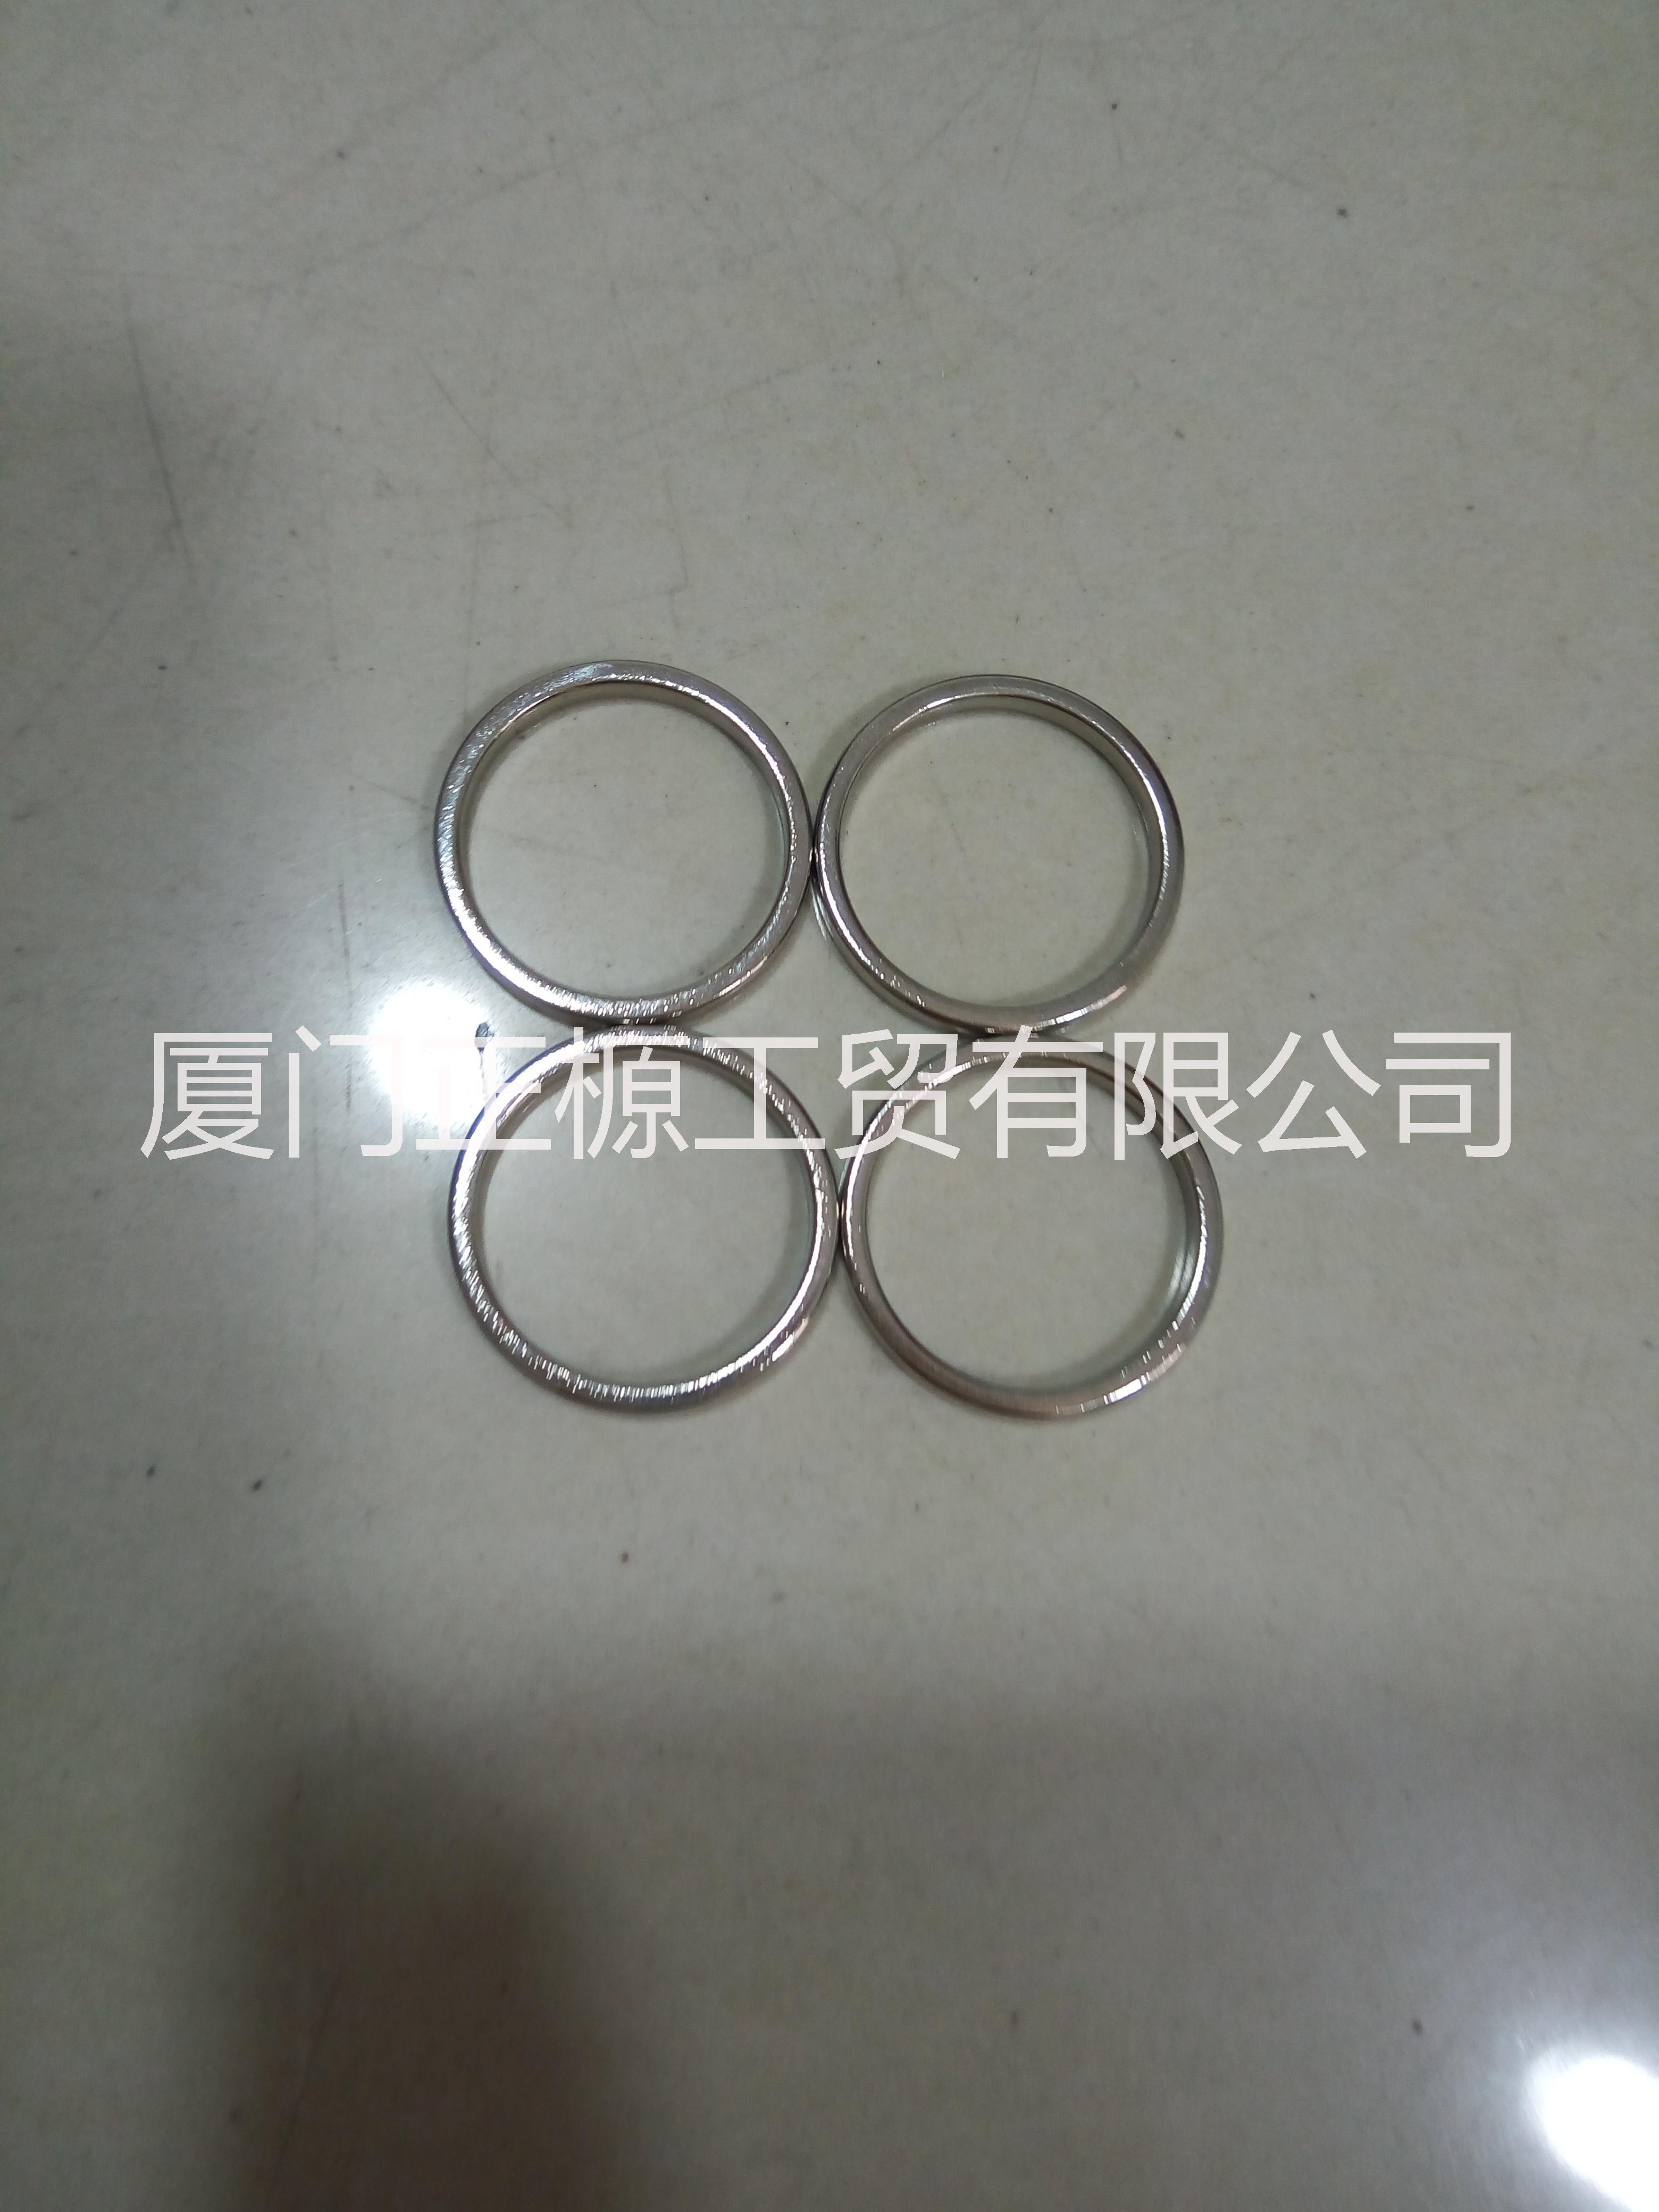 钕铁硼磁环 钕铁硼磁铁 钕铁硼 镀锌 镀镍  钕铁硼磁环有永磁生产